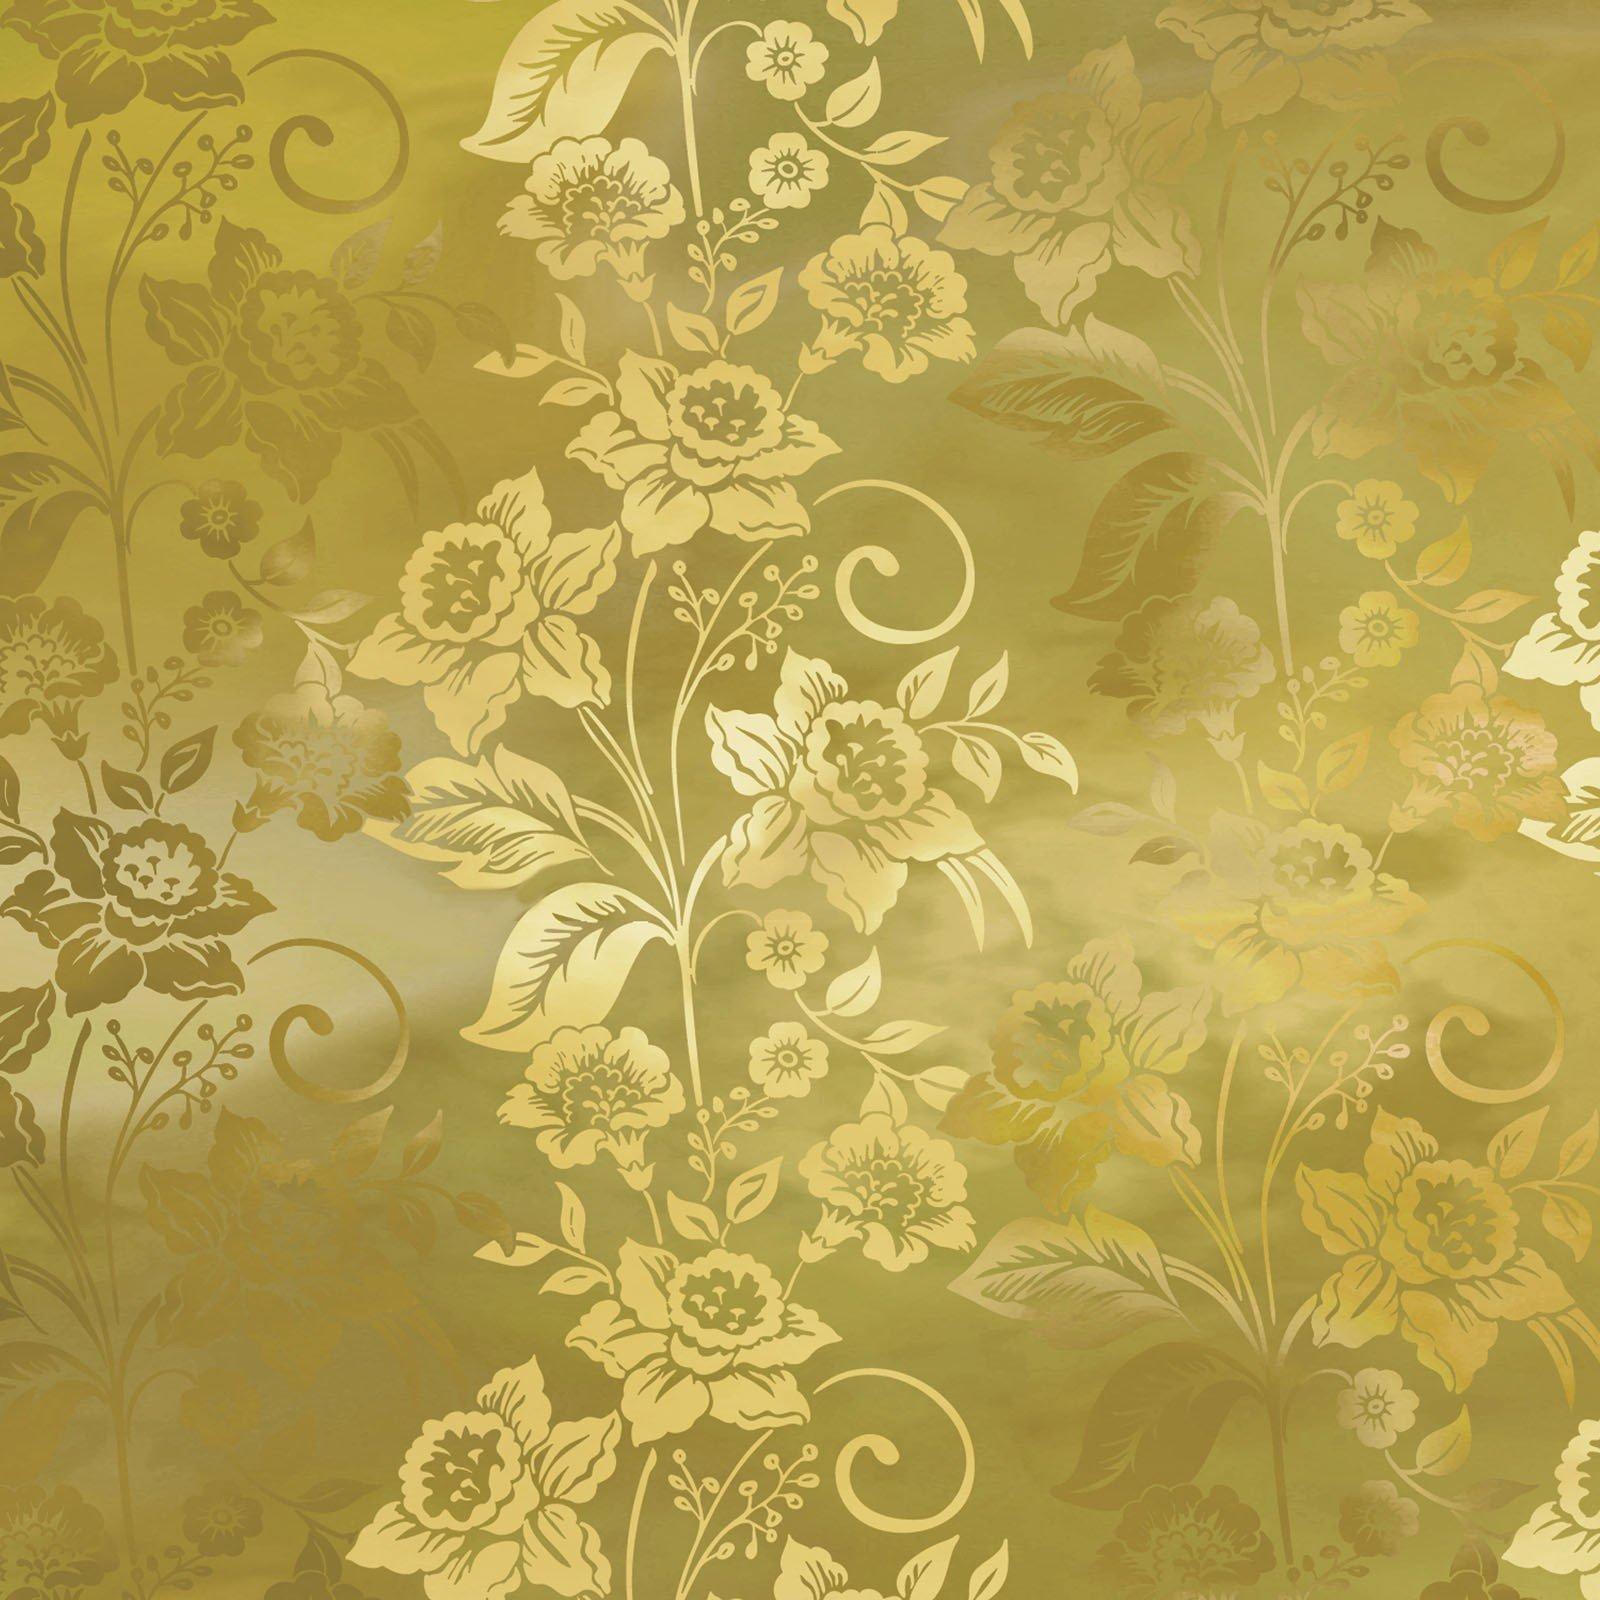 Diaphanous 5ENC-2 Gold Enchanted Vines